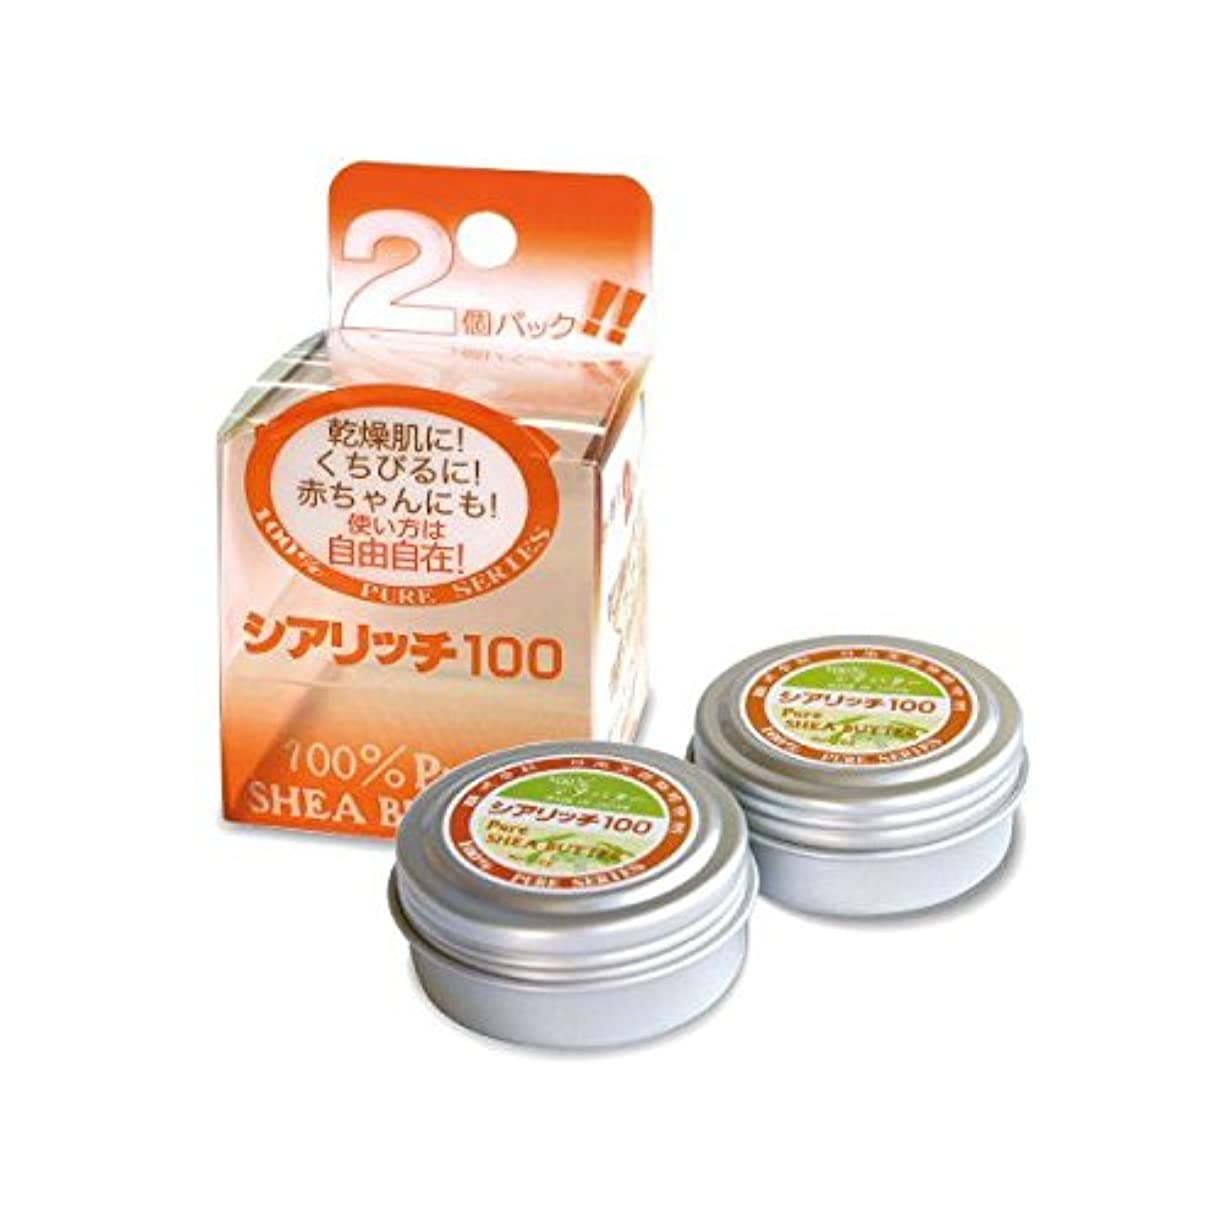 認める降下低い日本天然物研究所 シアリッチ100 (8g×2個入り)【単品】(無添加100%シアバター)無香料